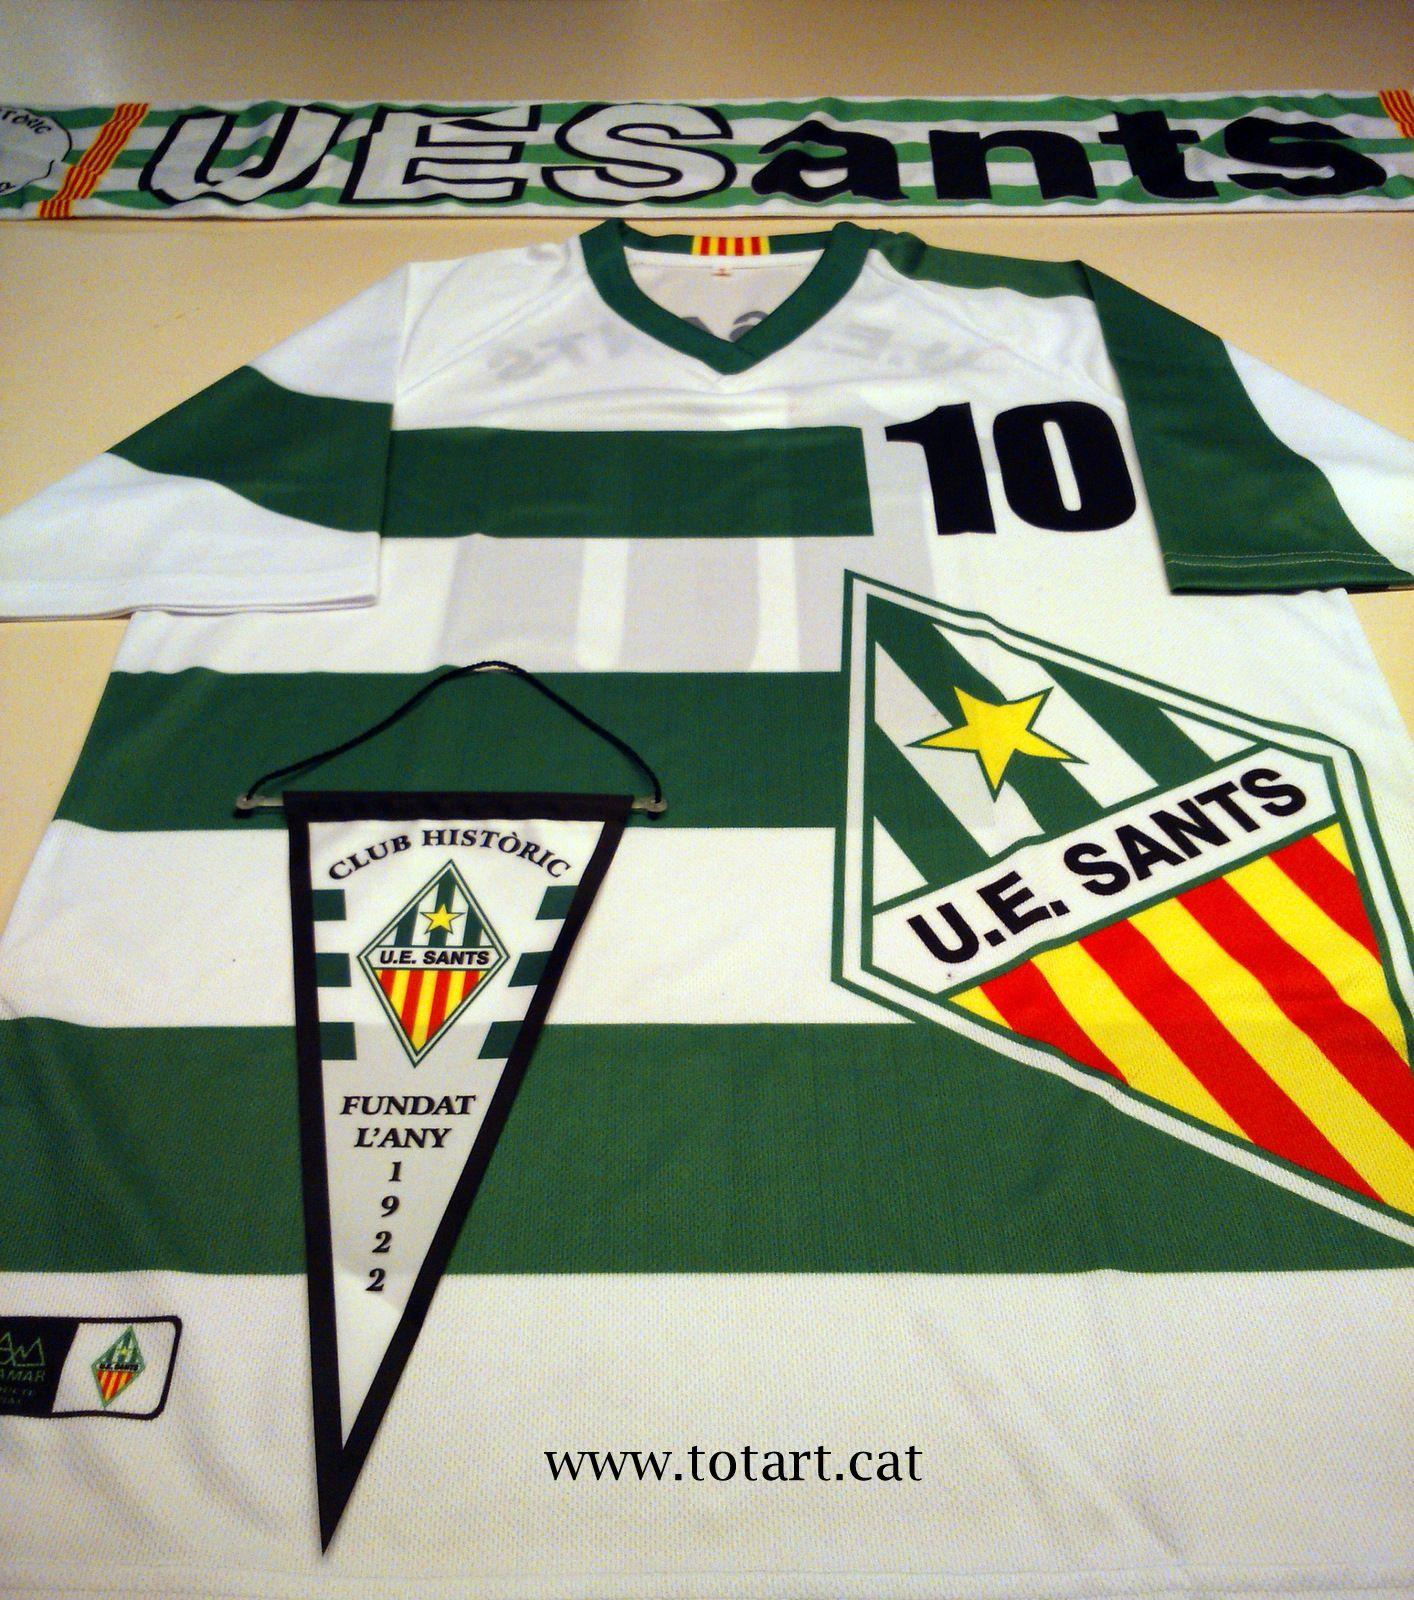 Camiseta de #Fútbol del equipod de futbol Unió Esportiva de Sants ...